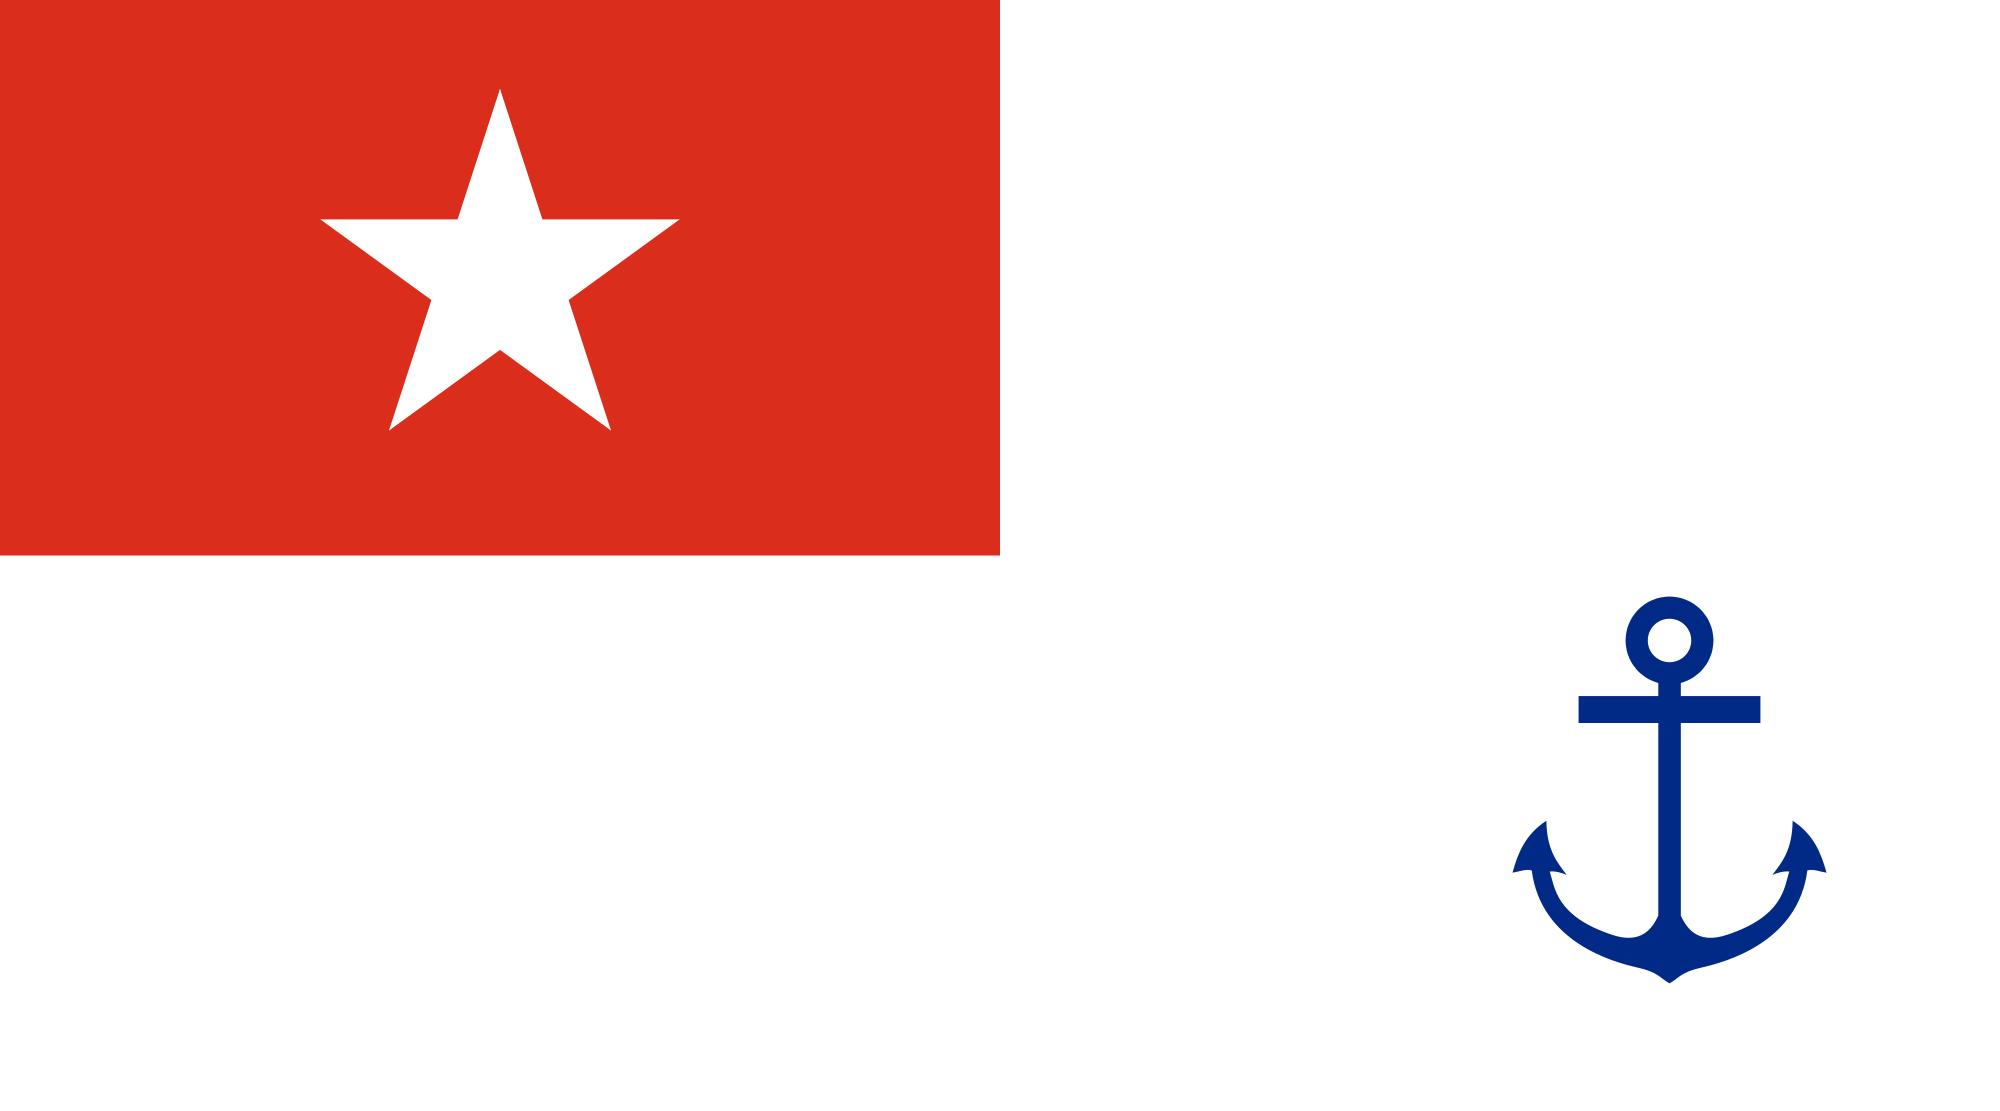 Myanmar (Naval ensign)